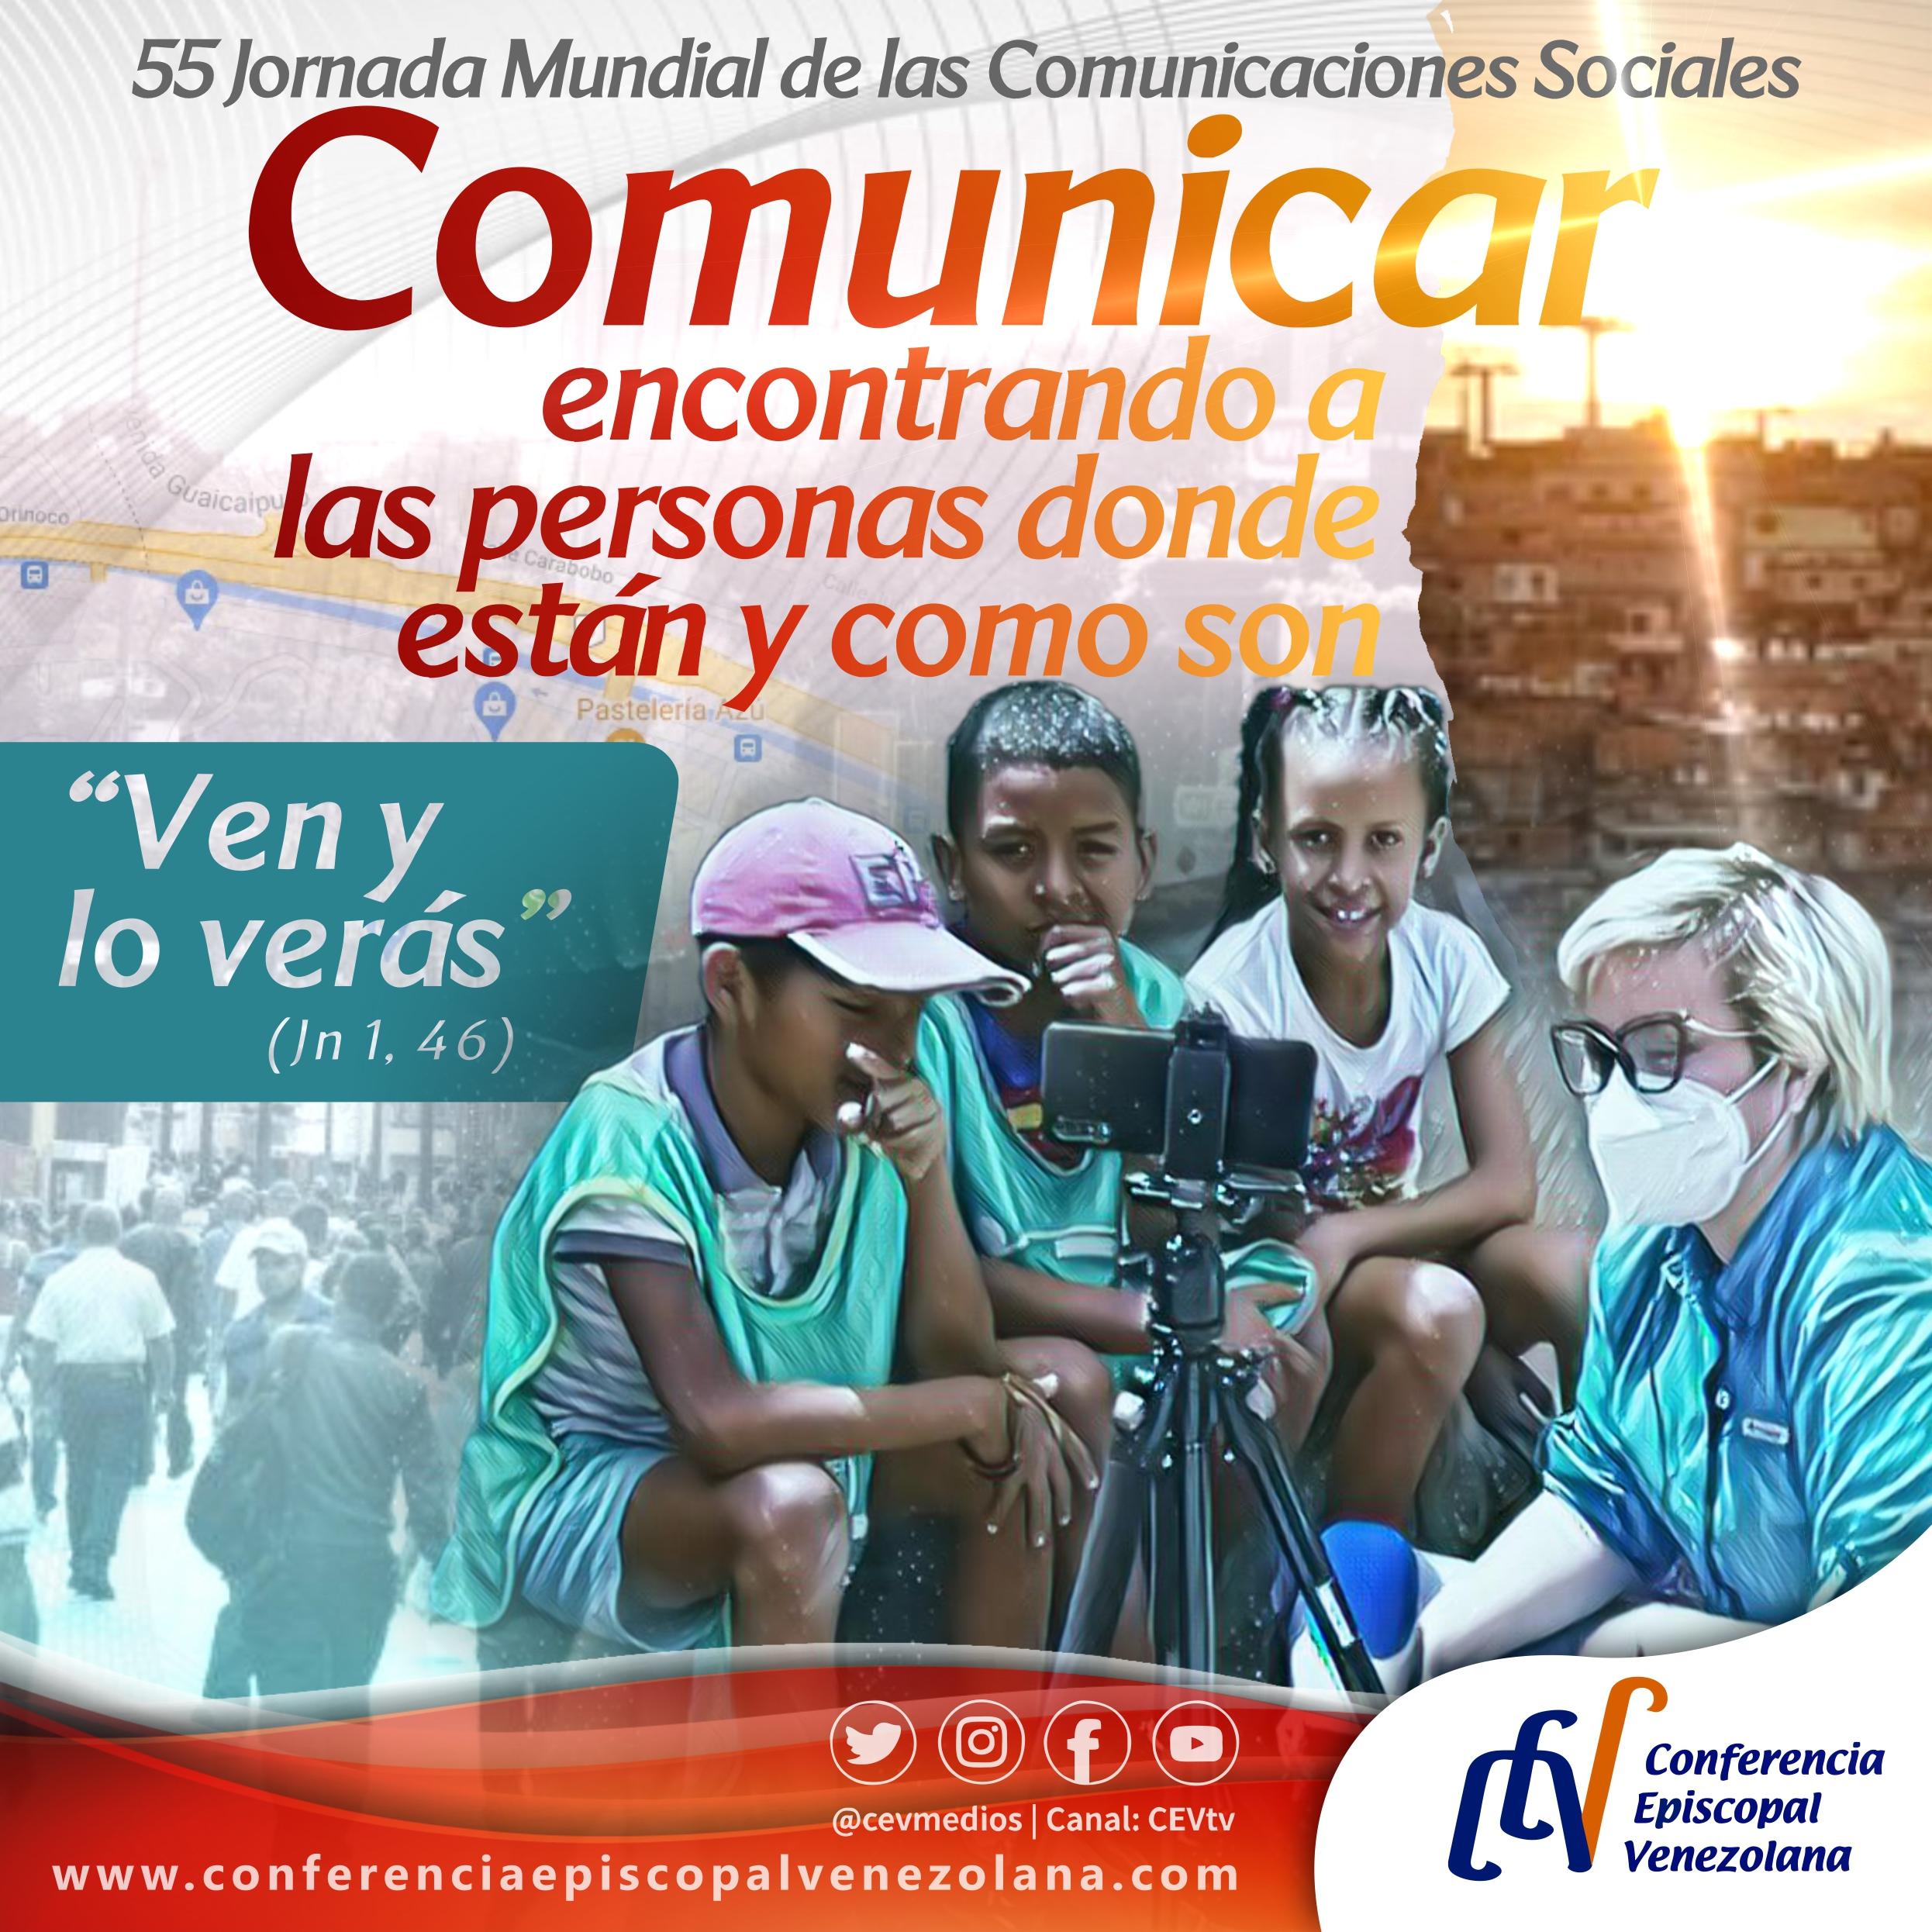 """Venezuela celebra 55° Jornada Mundial de las Comunicaciones Sociales: """"Porque para conocer es necesario encontrar"""""""